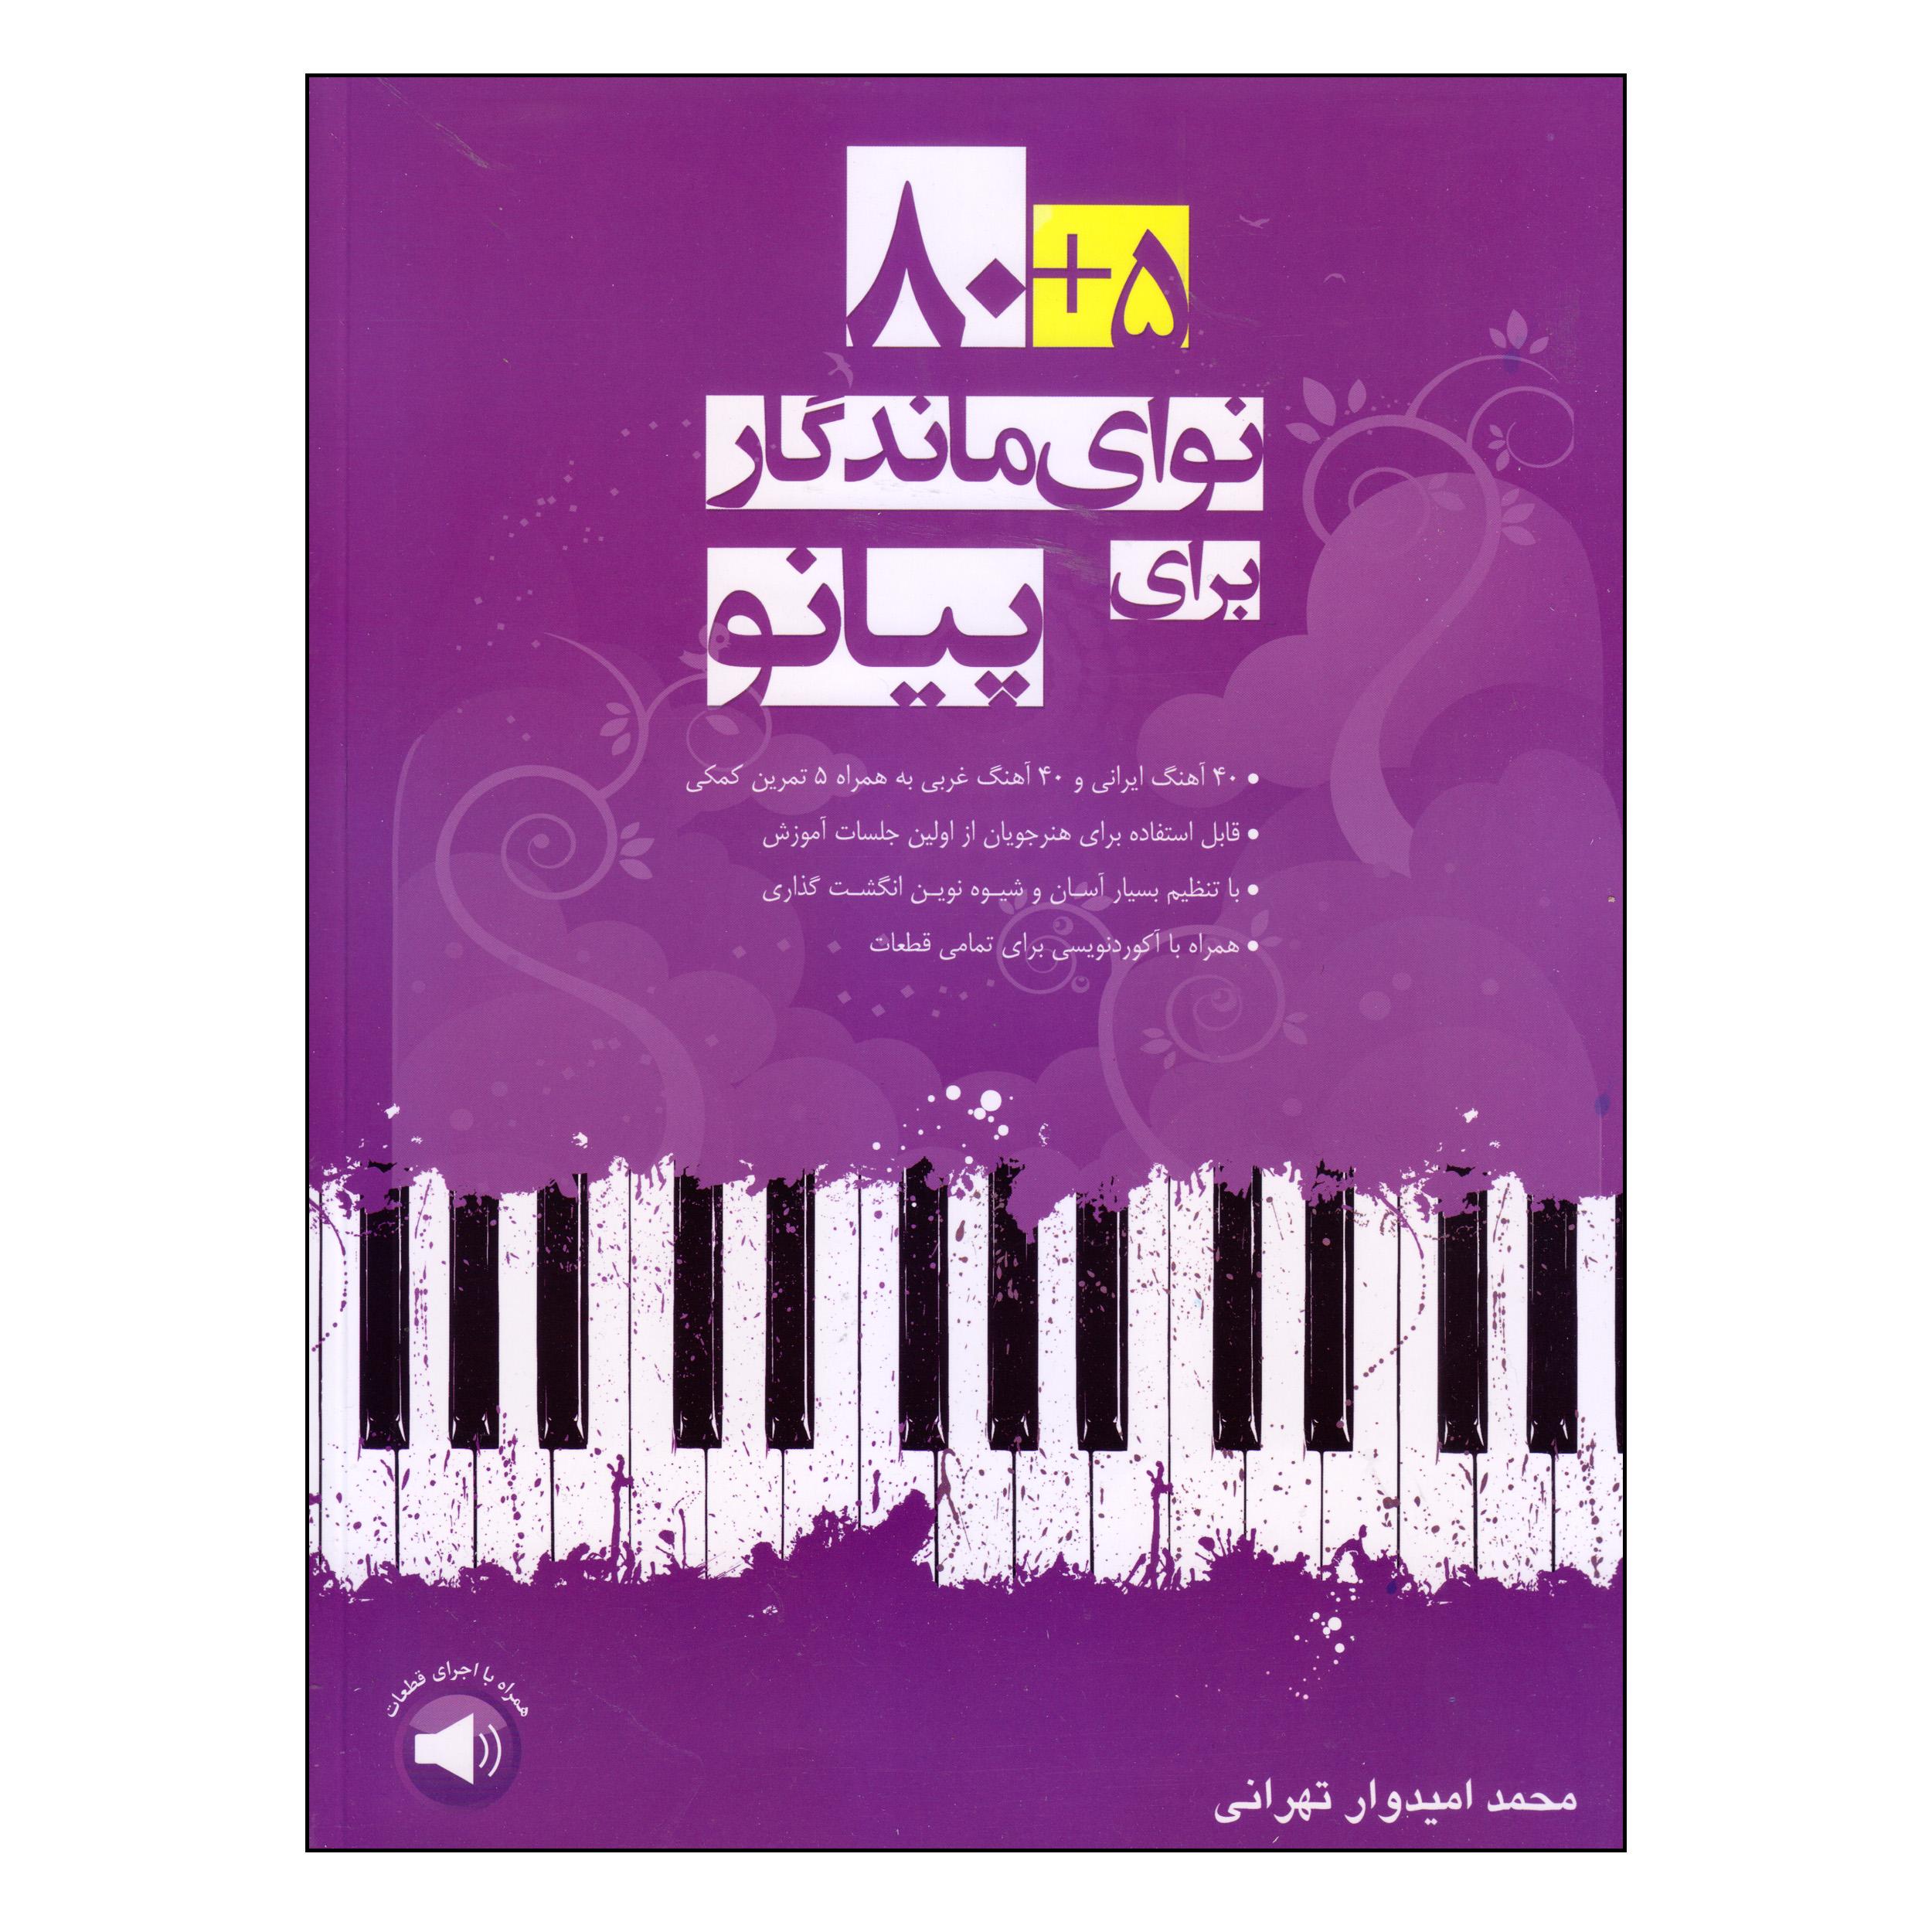 کتاب 5+80 نوای ماندگار برای پیانو اثر محمد امیدوار تهرانی نشر سرود